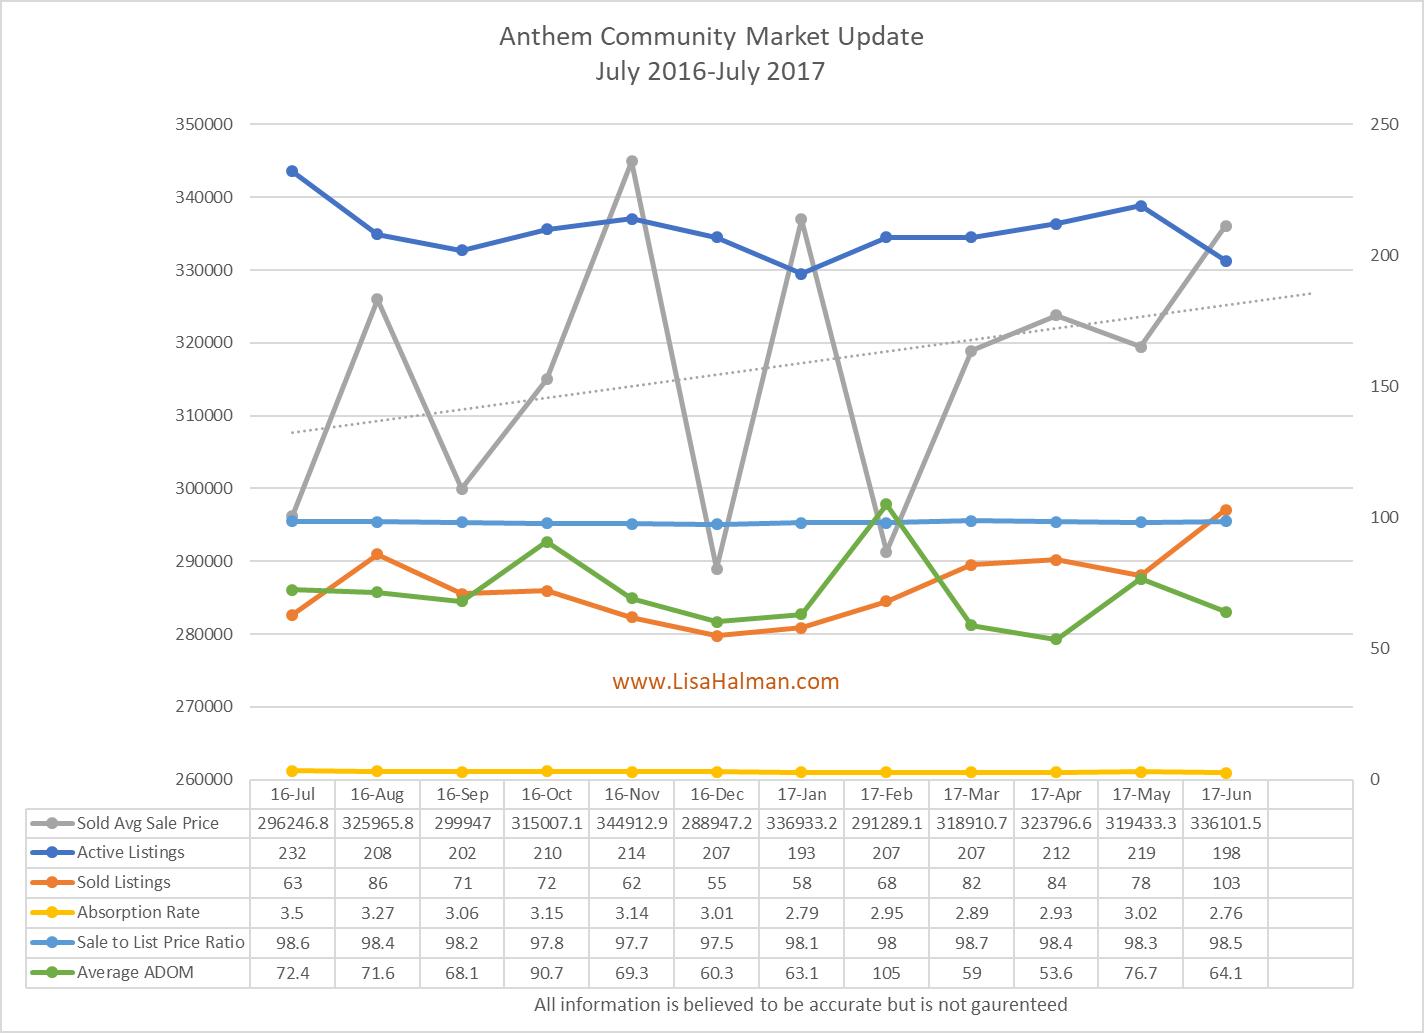 Anthem Market Update June 2017